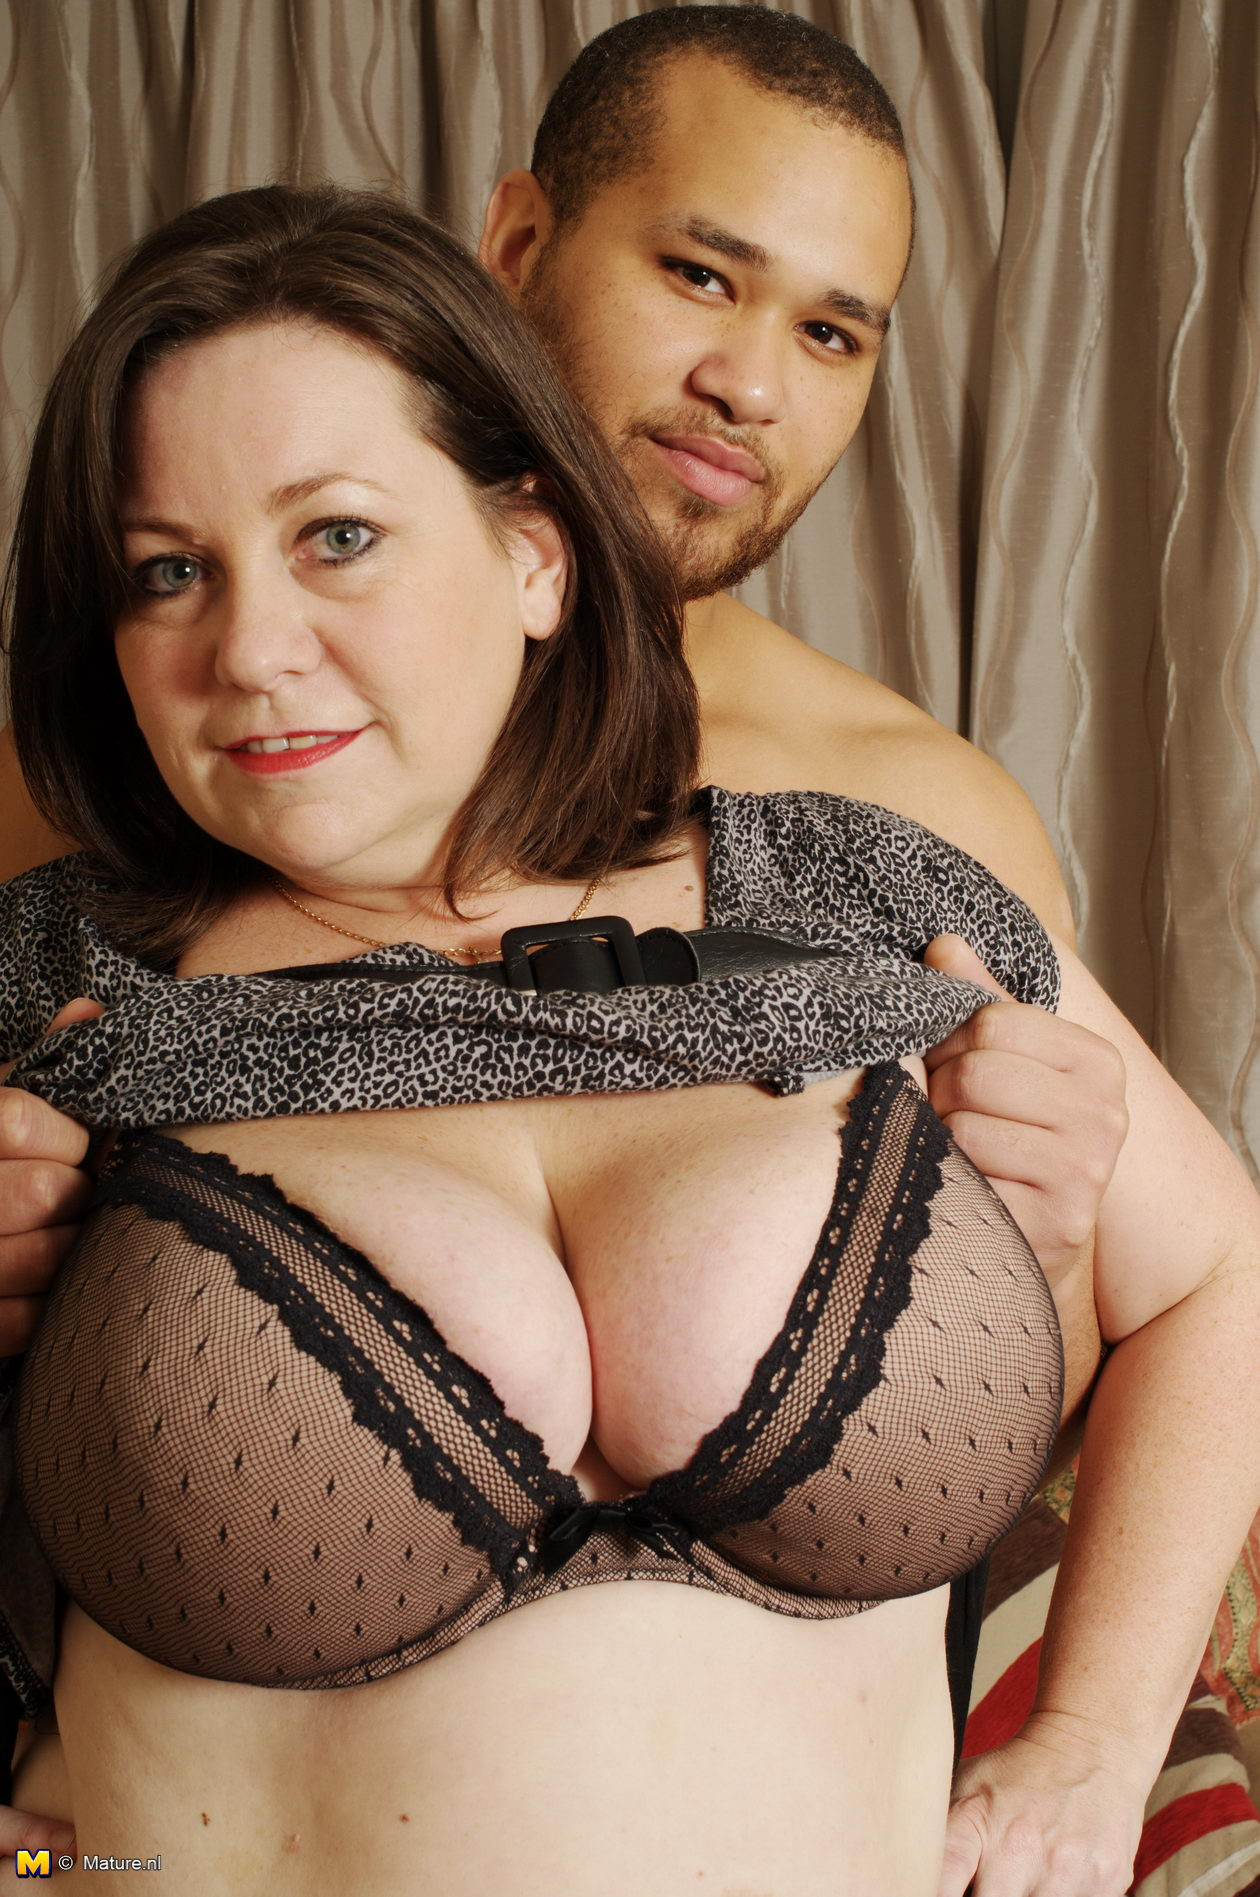 Nl tits mature granny big